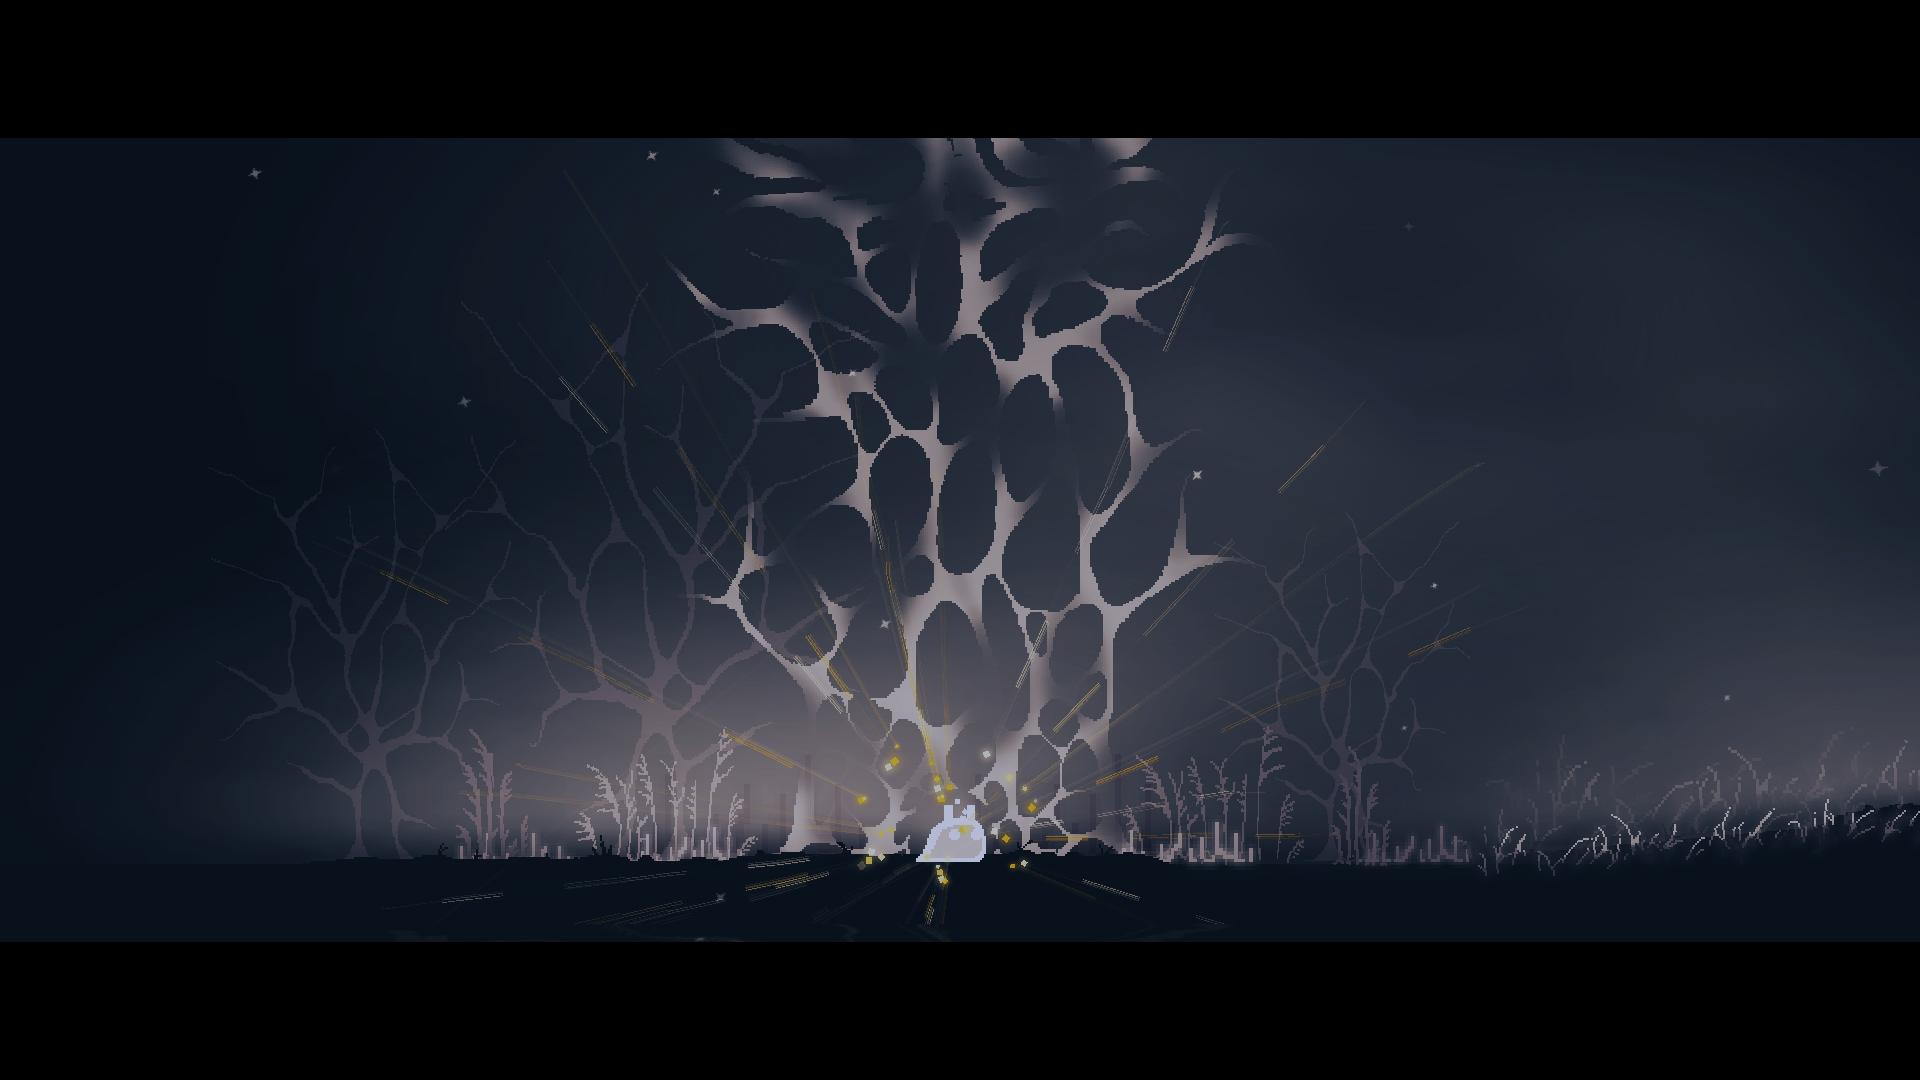 从学校毕业专题到即将正式上市 Steam游戏《MO:Astray 细胞迷途》的探索蜕变之旅